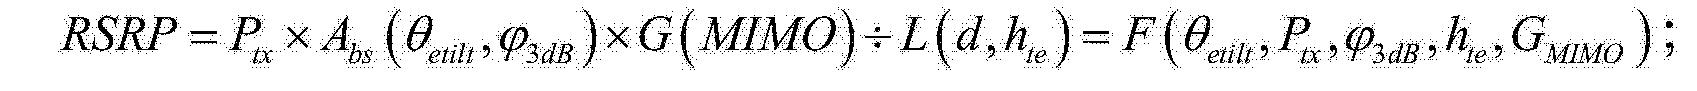 Figure CN102202330BC00034